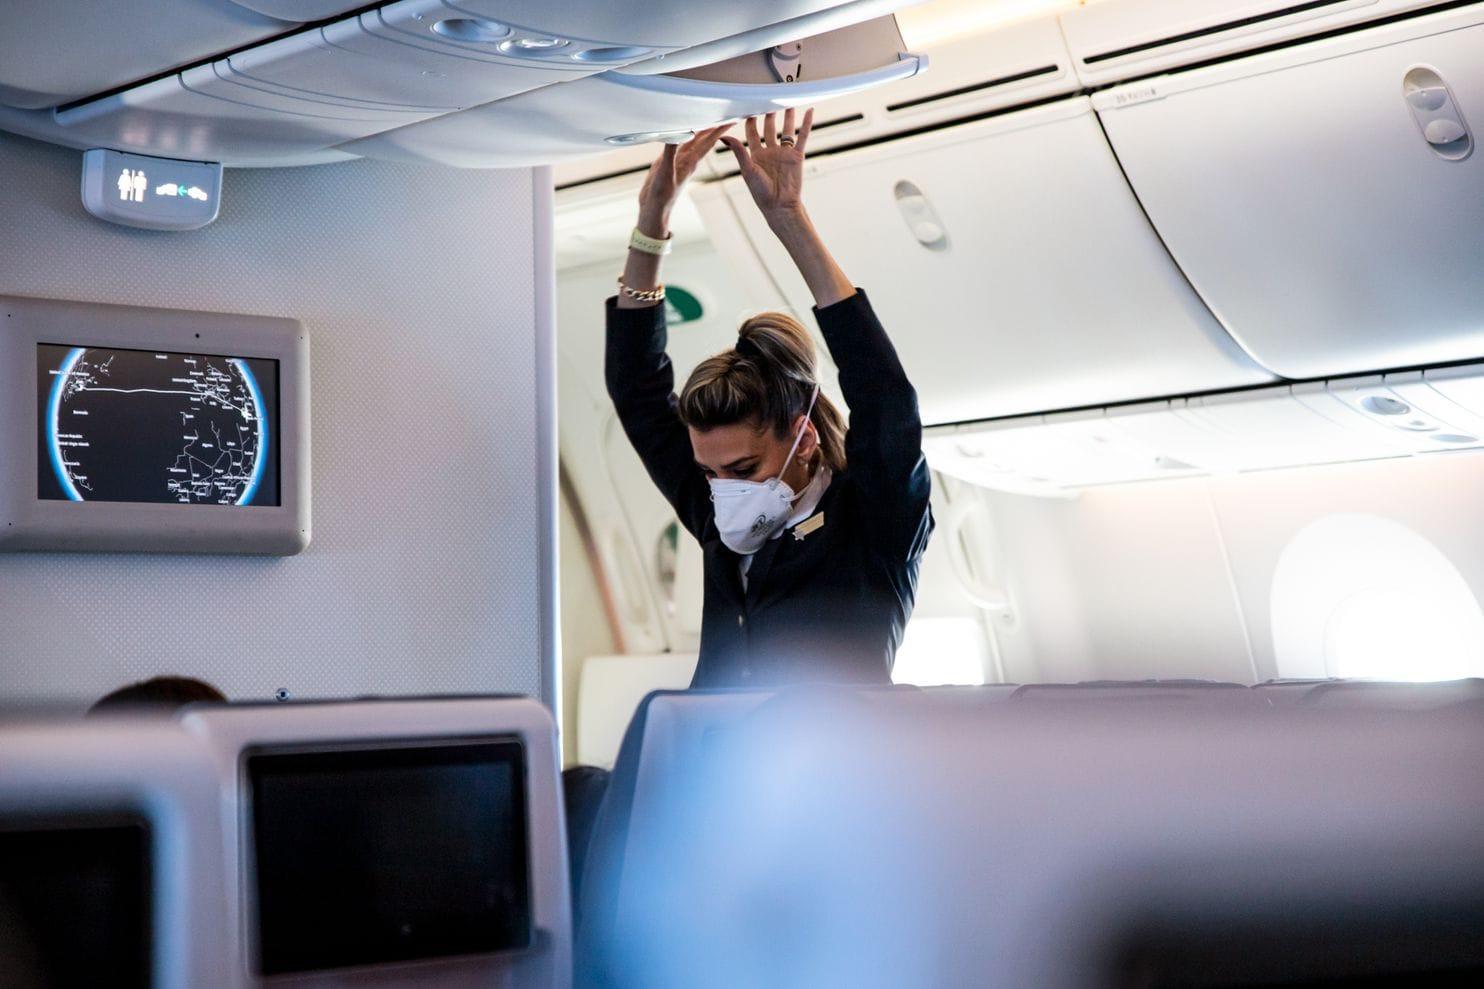 Khách 'chưa dám' bay, kinh doanh hàng không vốn đã chật vật sẽ còn tồi tệ hơn - Ảnh 6.